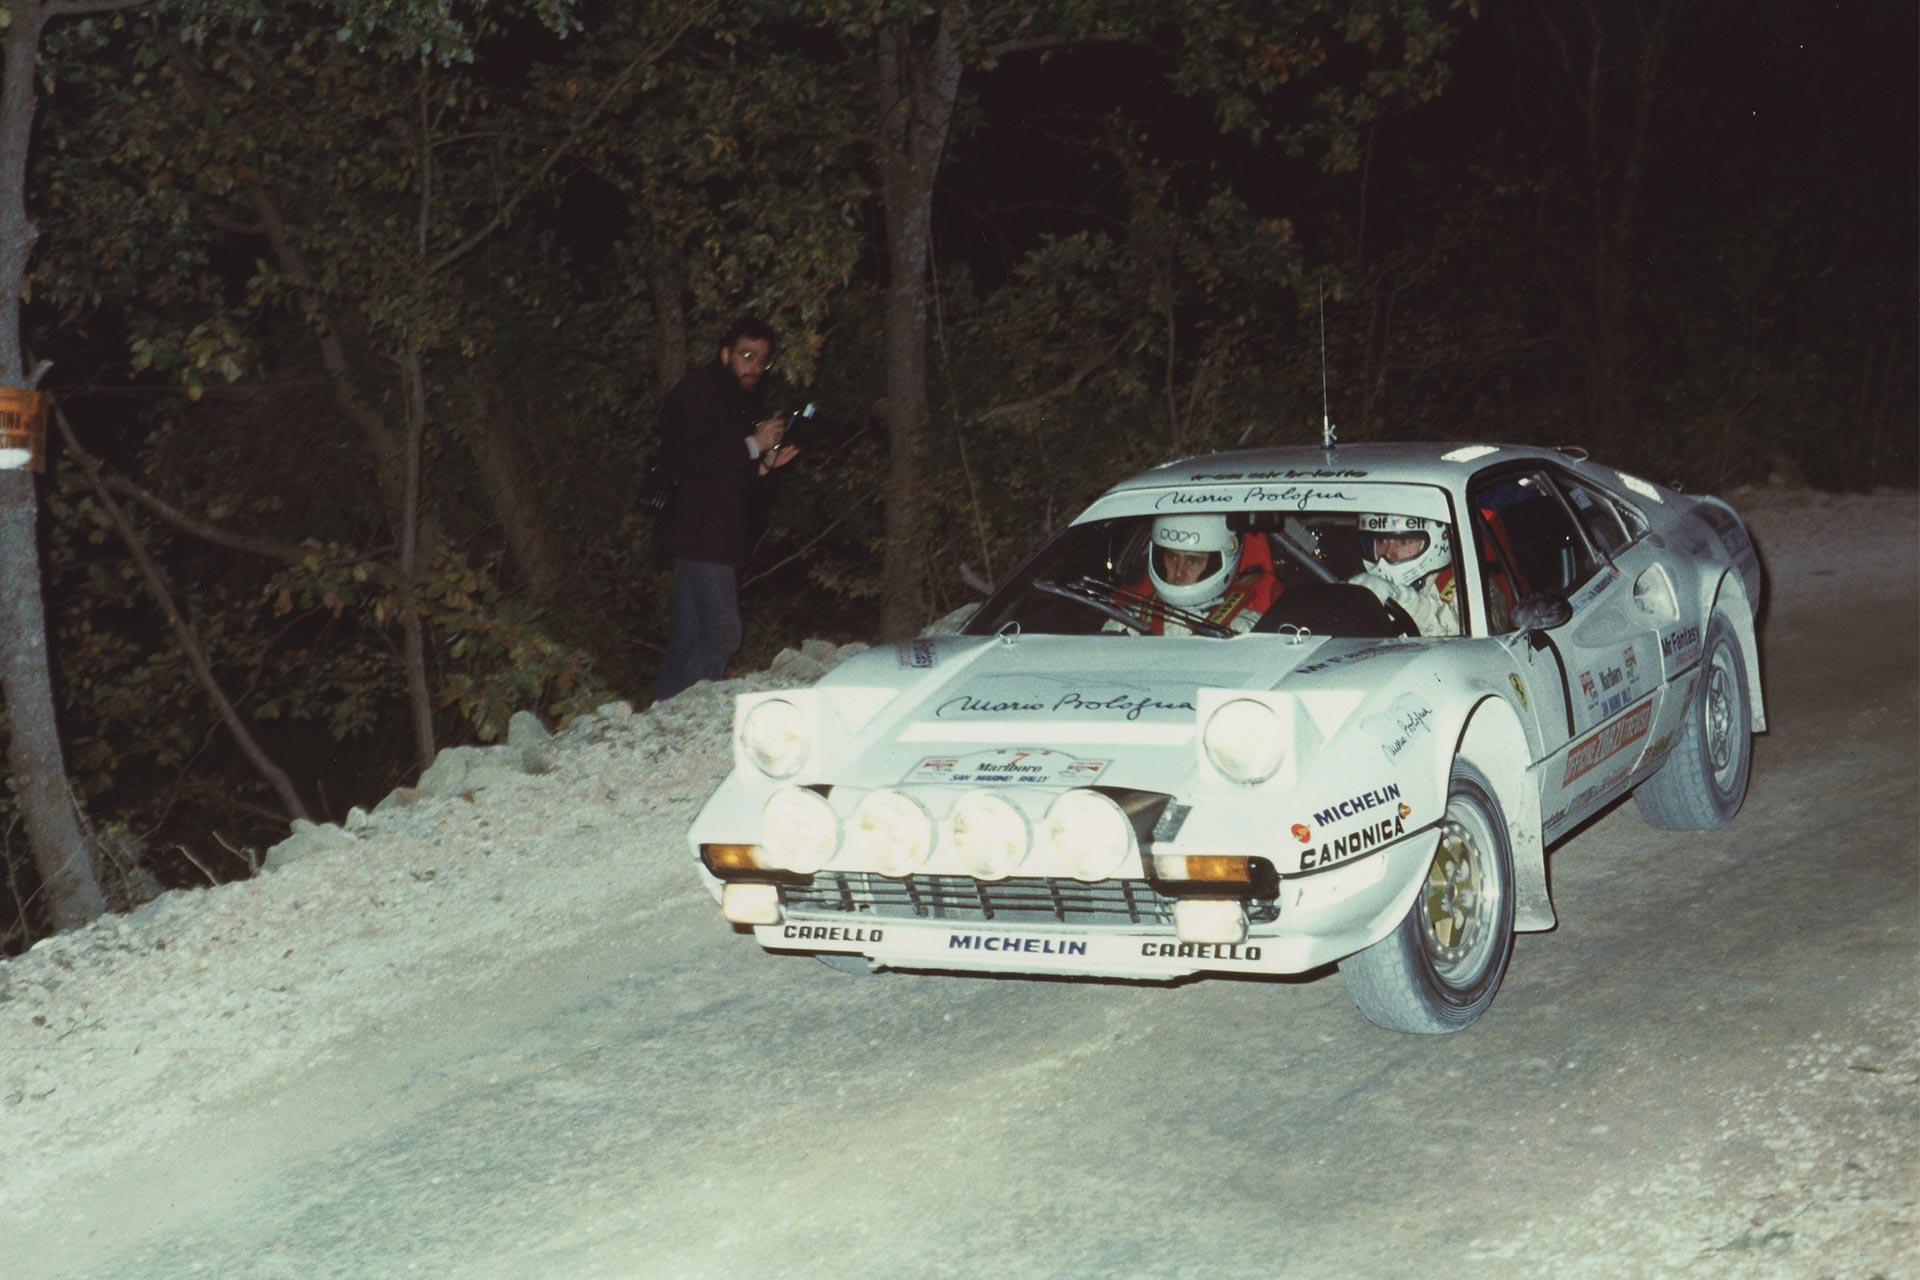 Ferrari-308-GTB-Michelotto-Group-B-for-sale-32